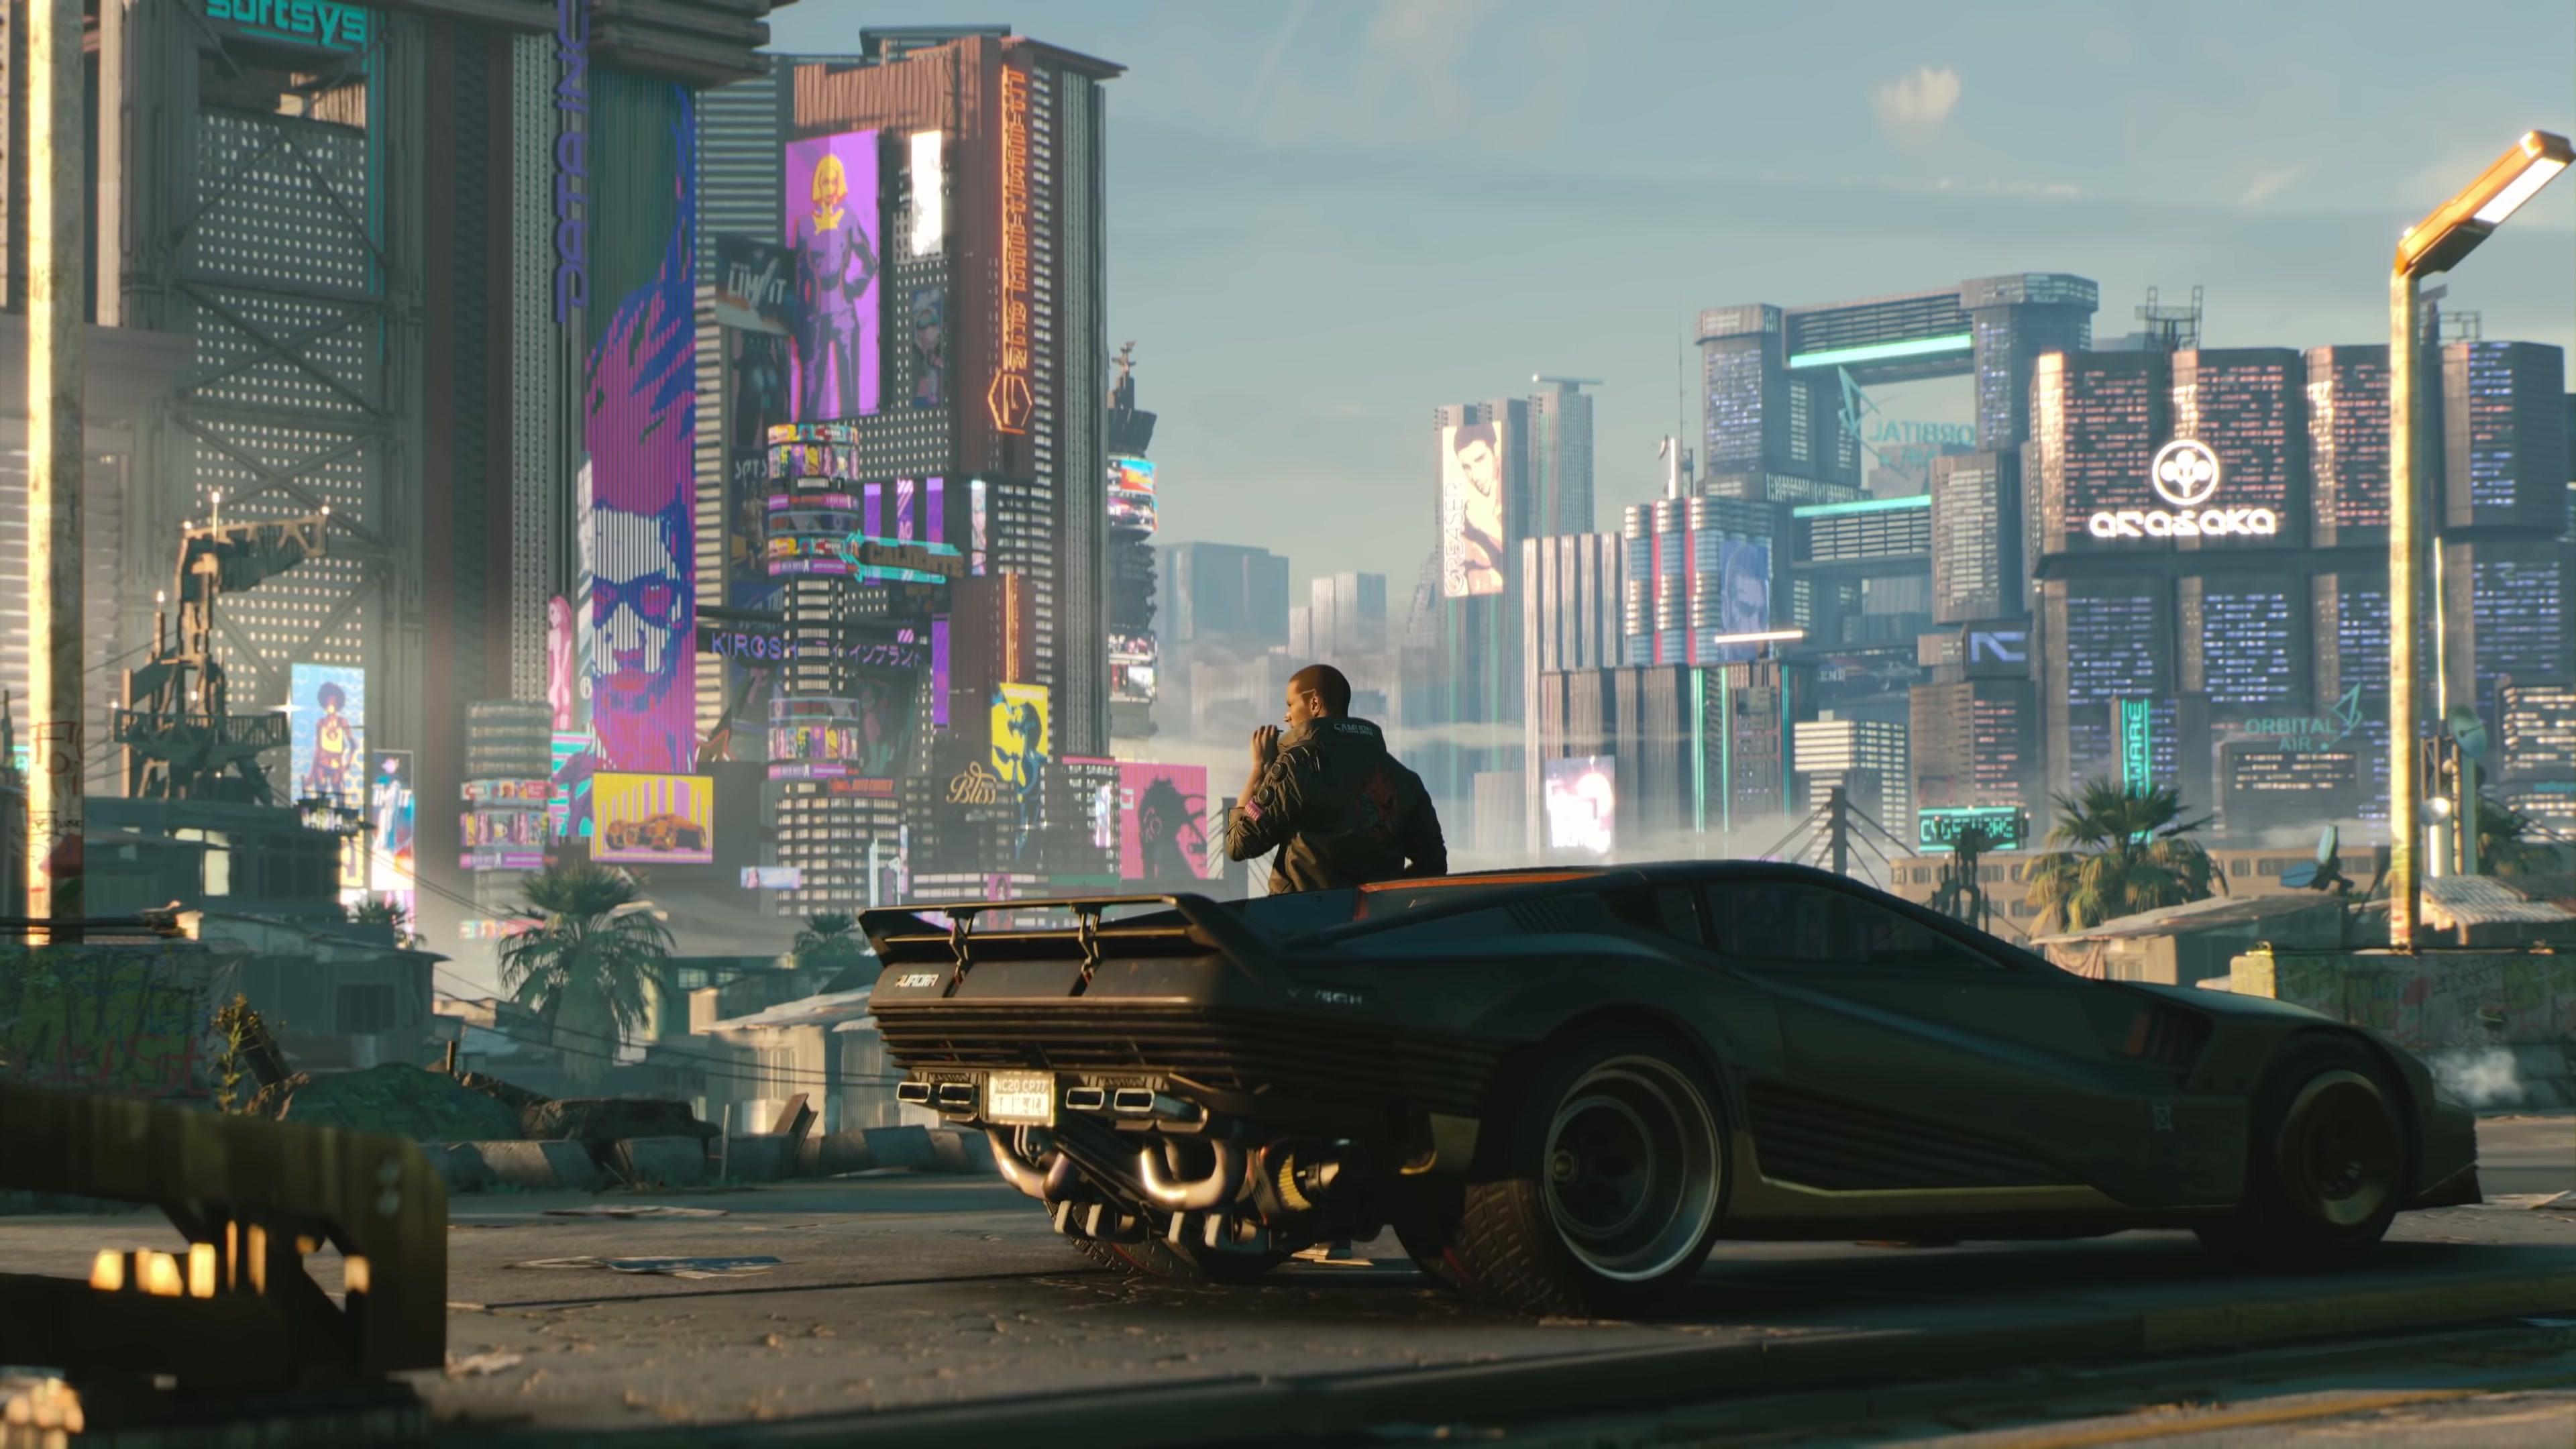 Cyberpunk 2077 057.jpg - Cyberpunk 2077